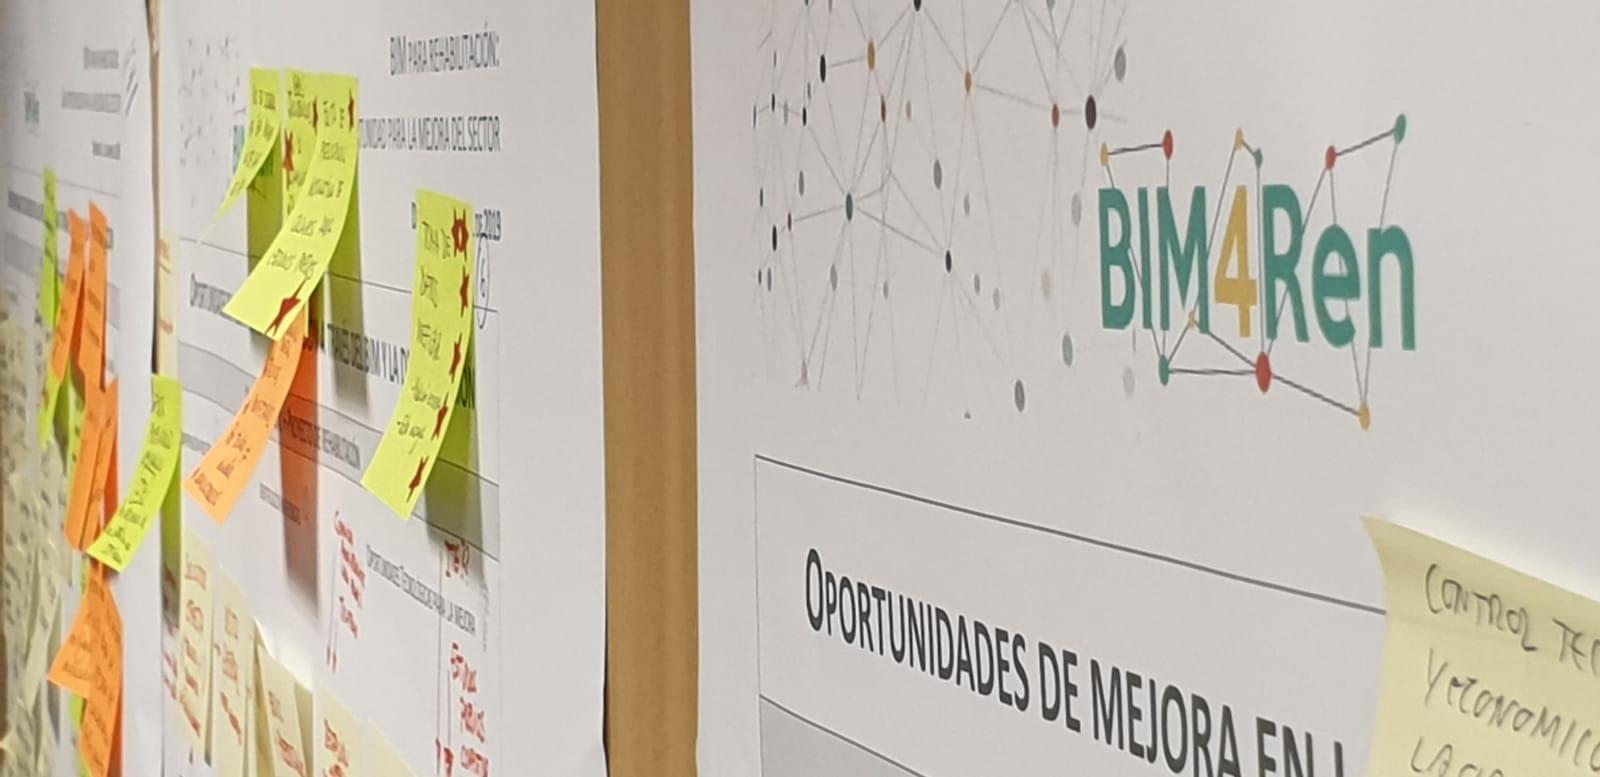 imagen 2 de noticia: participamos-en-el-workshop-de-bim4ren-organizado-por-tecnalia